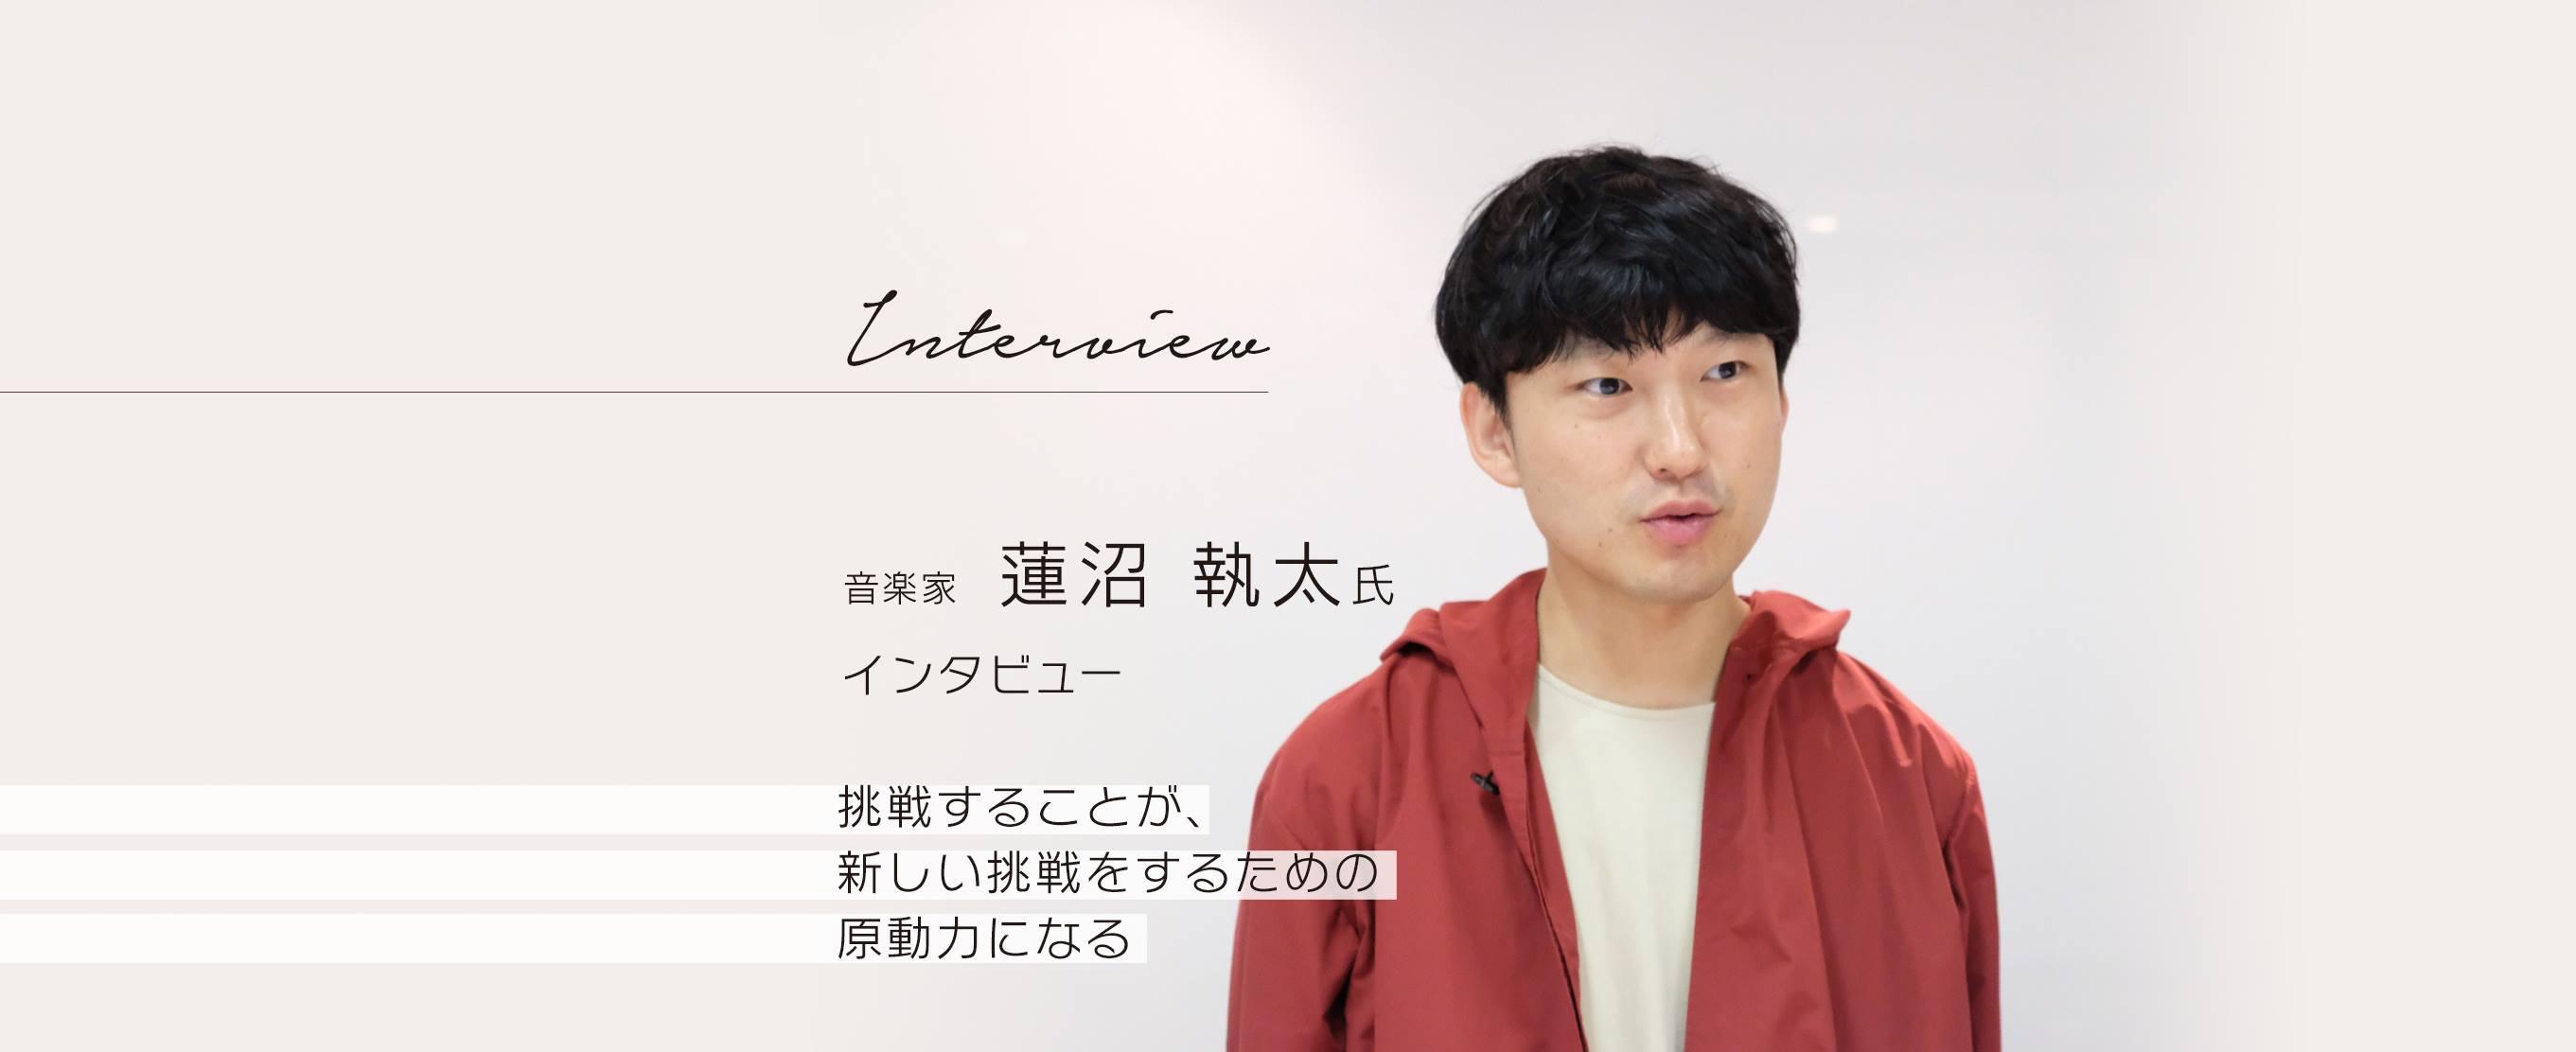 挑戦することが、新しい挑戦をするための原動力になる ~音楽家 蓮沼 執太氏インタビュー~